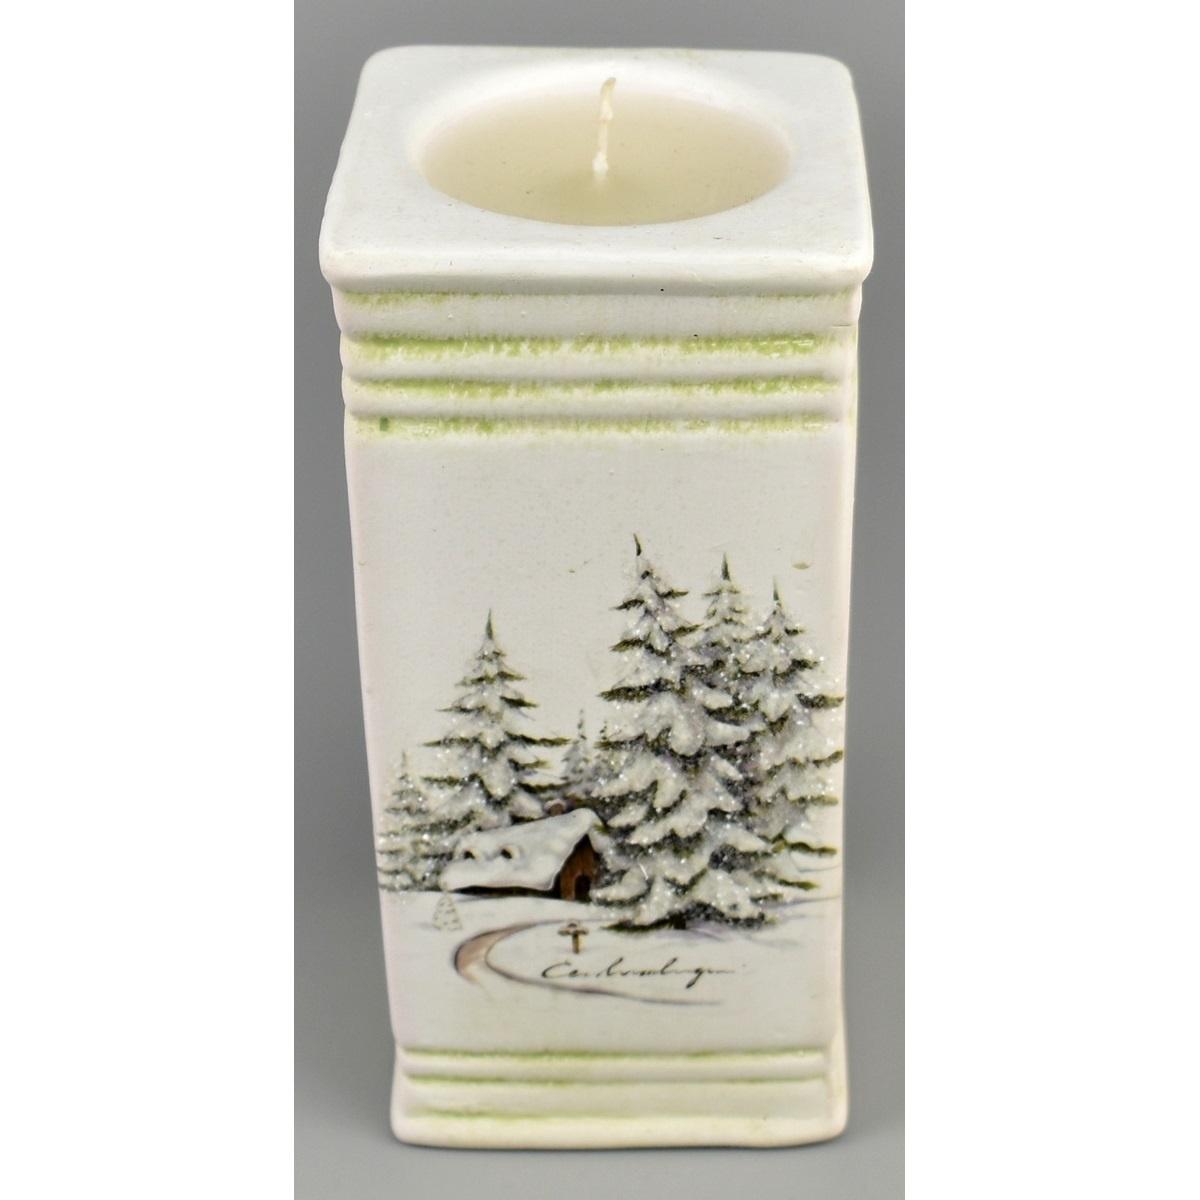 Vánoční svícen Naple se svíčkou, 15 cm